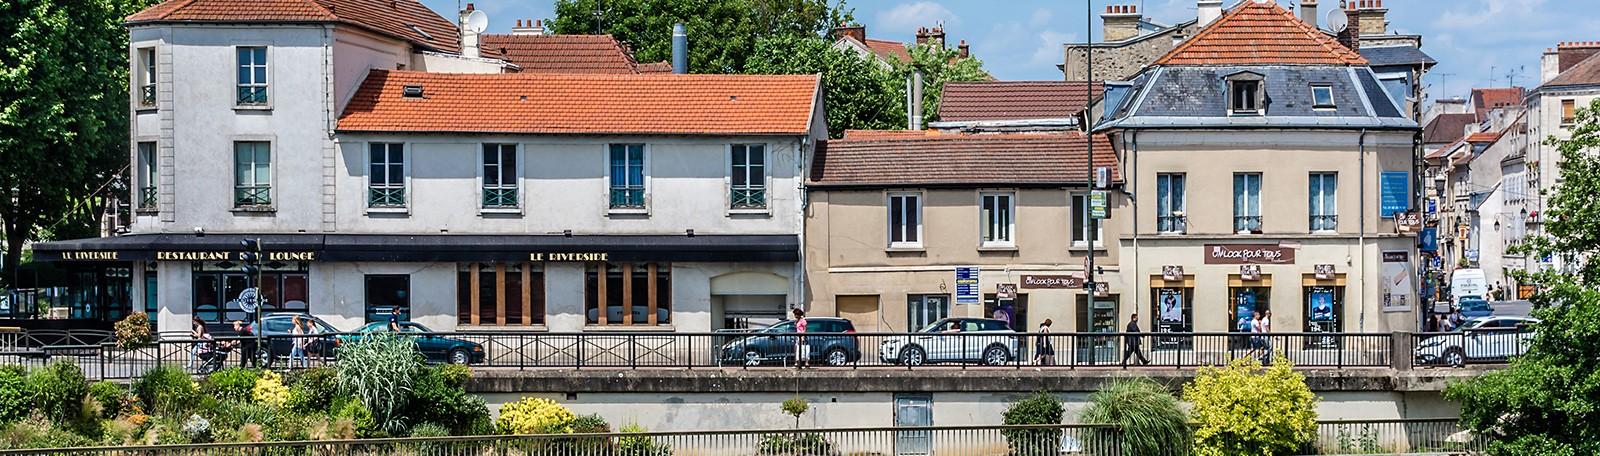 Car park Jean Rose 2 - Park in Meaux | Q-Park